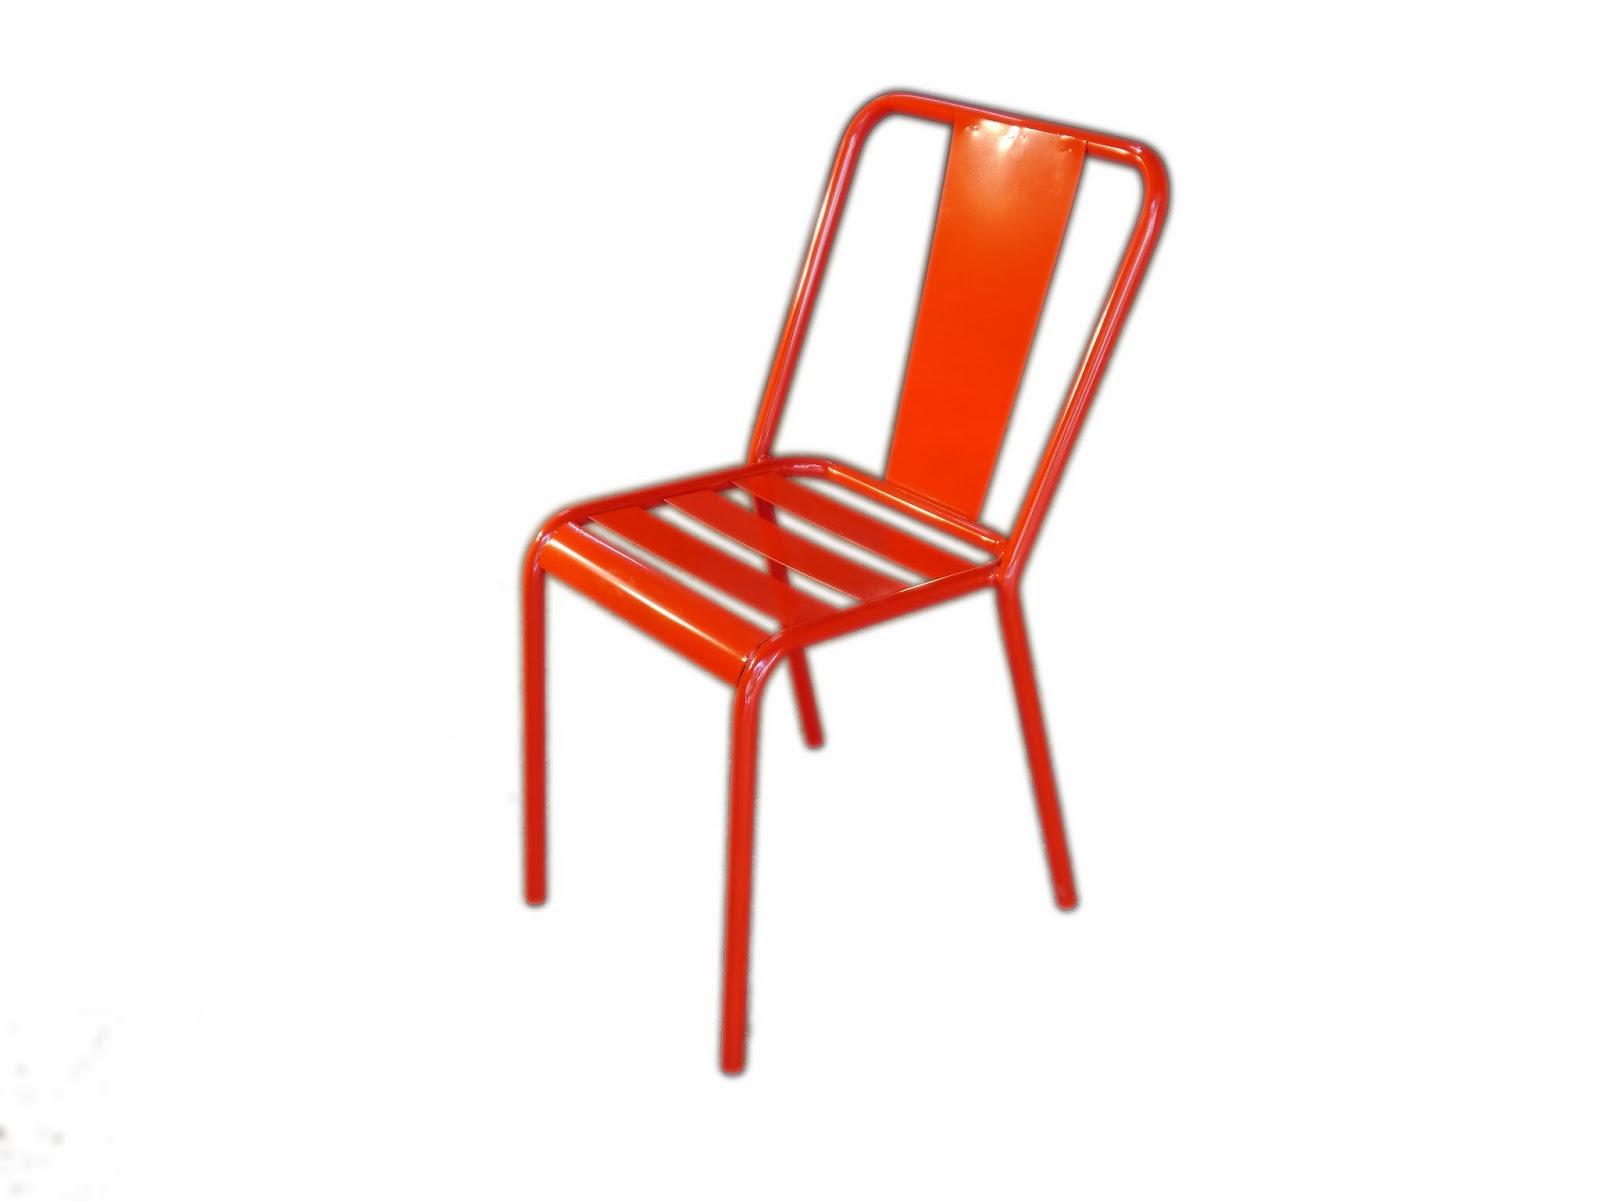 Mesas y sillas de hierro forjado artesanalmente en barcelona for Modelos de sillas de metal